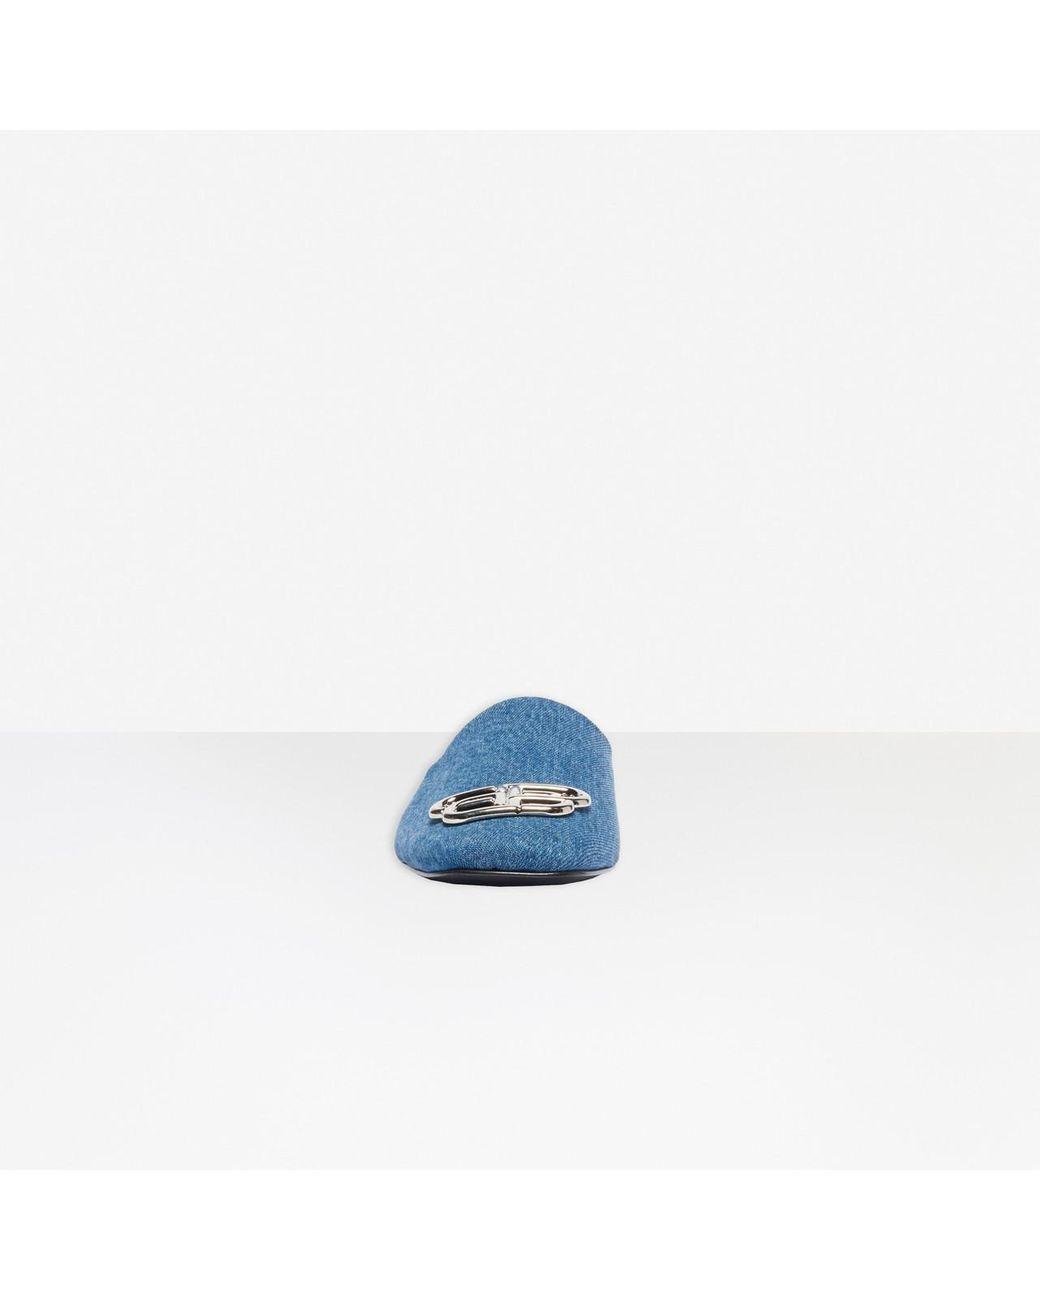 *SALE* Dunlop Ladies Bobbi Knit Effect  Mule Slippers Beige Size 4